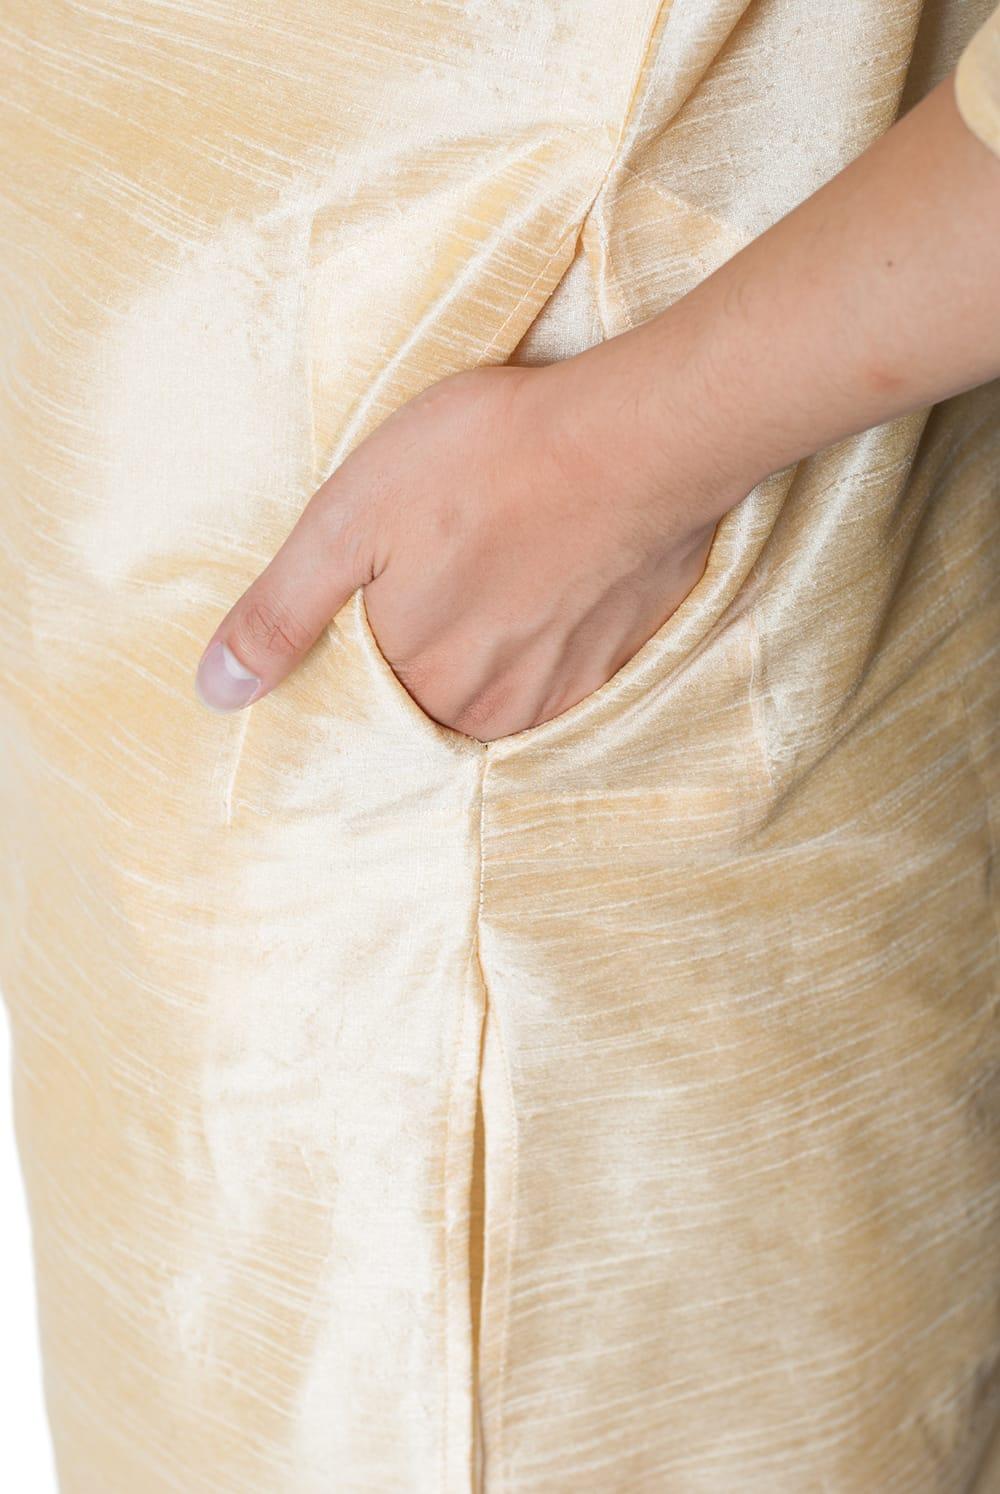 クルタ・パジャマ - ゴールデンホワイト【光沢生地ゴージャス】 7 - ポケットもあるので小物を入れるのにも便利です。